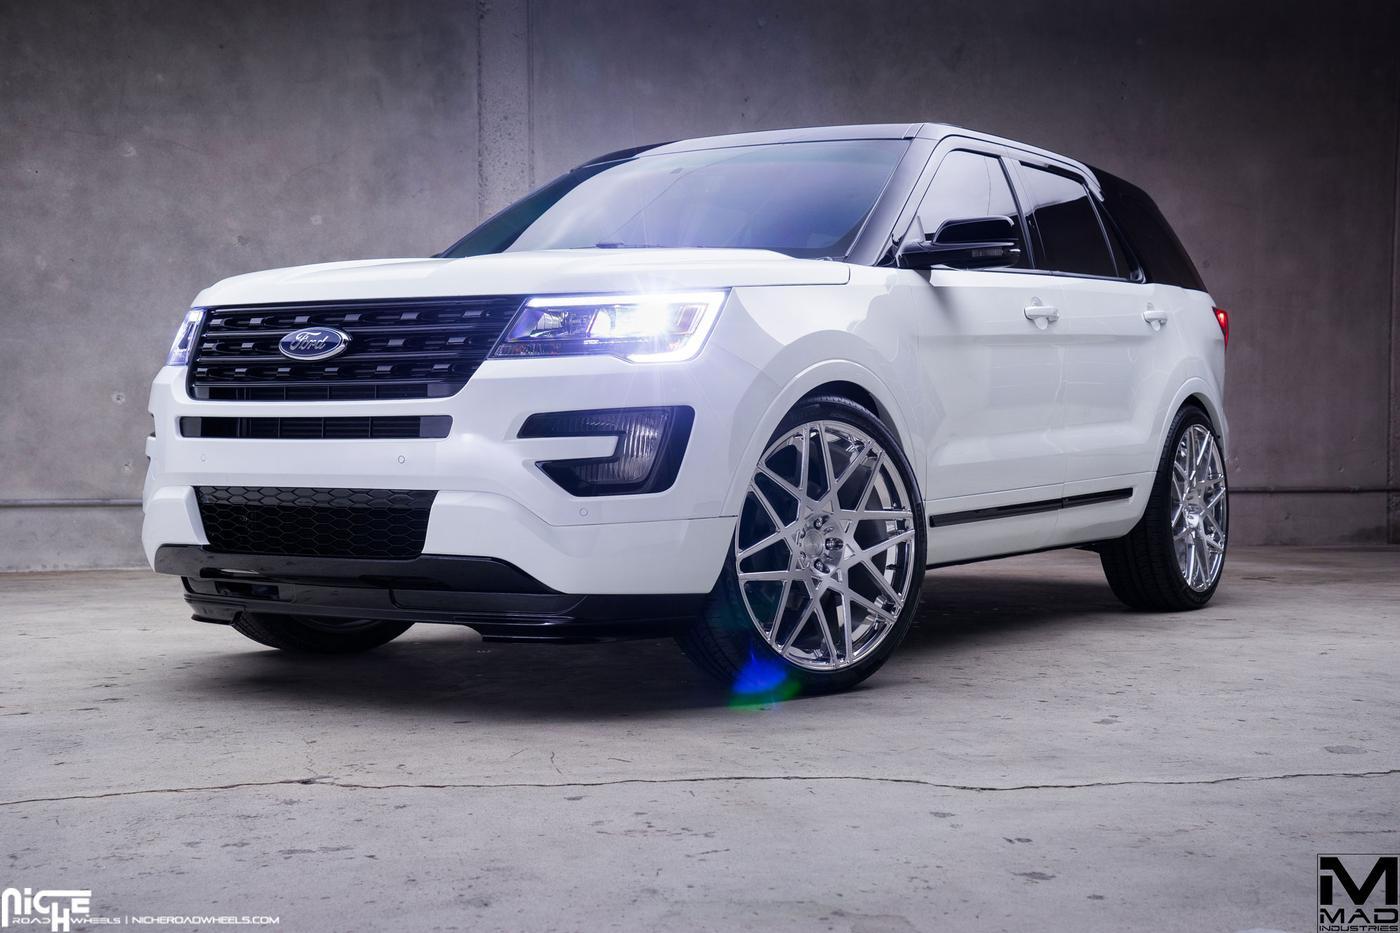 2016 Ford Explorer Mad Industries Niche Alpine Mht